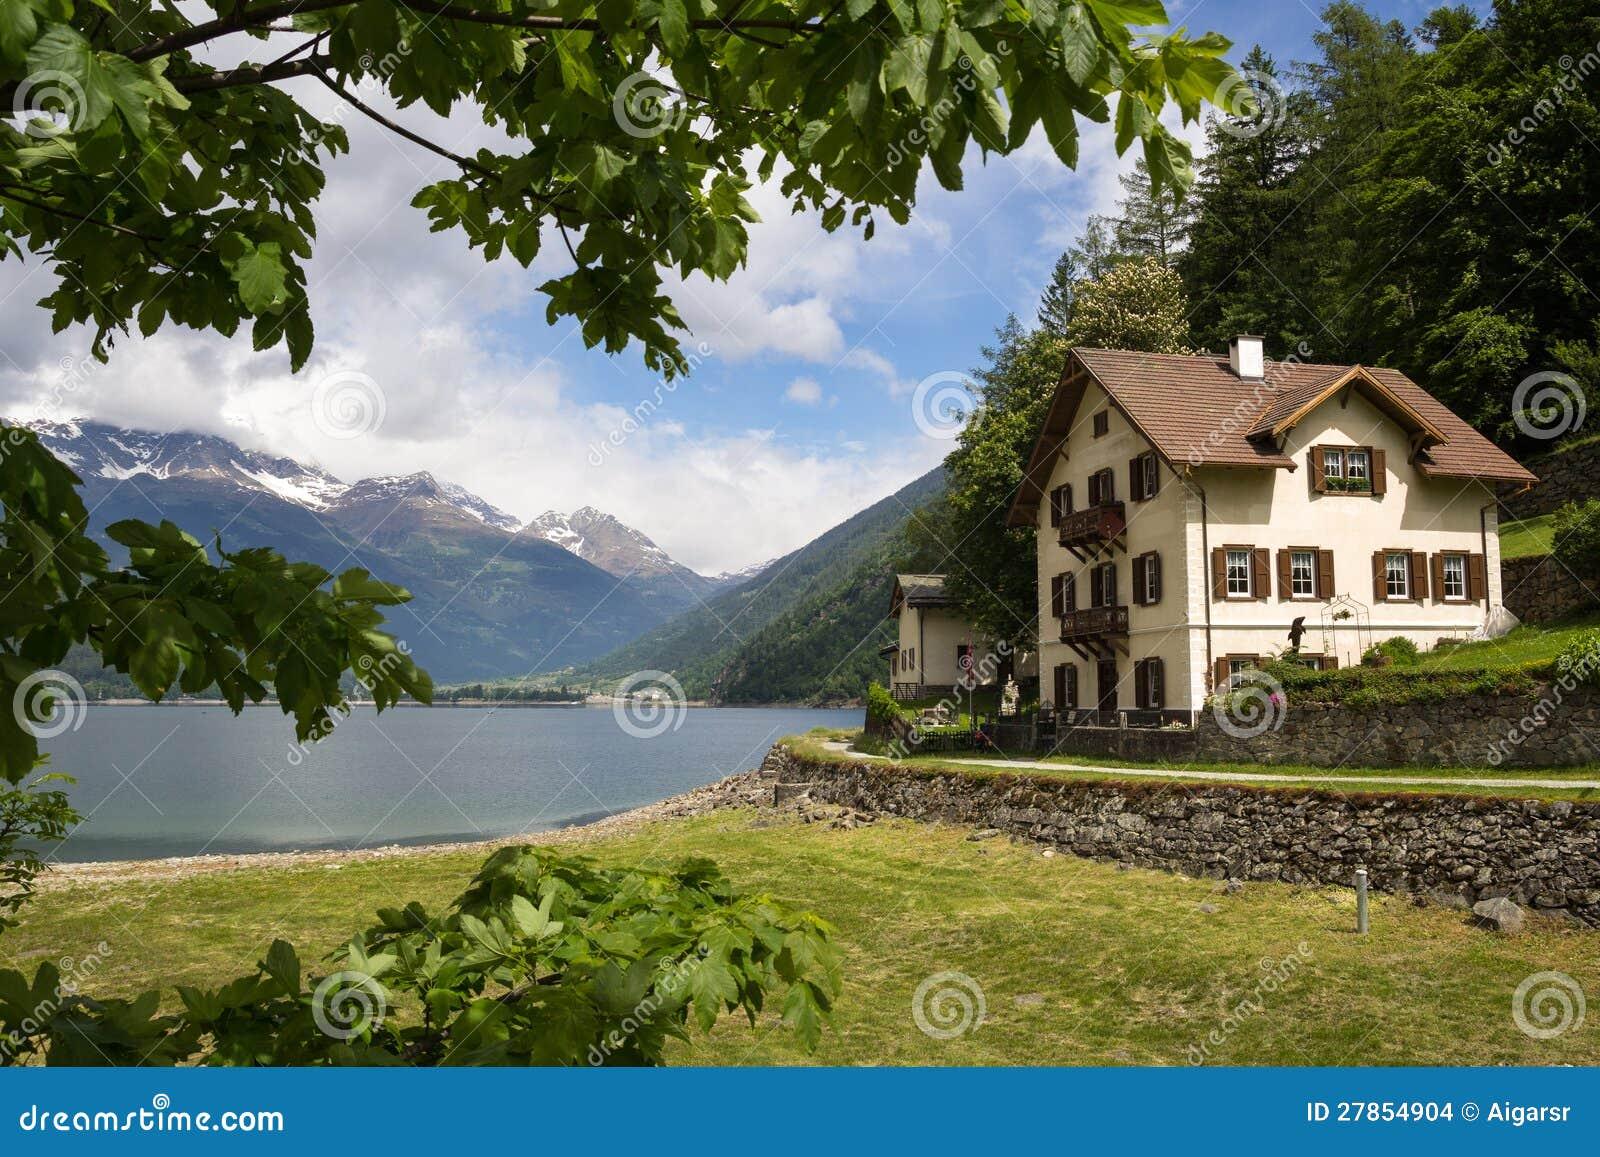 Landhaus nahe dem See in den Schweizer Alpen